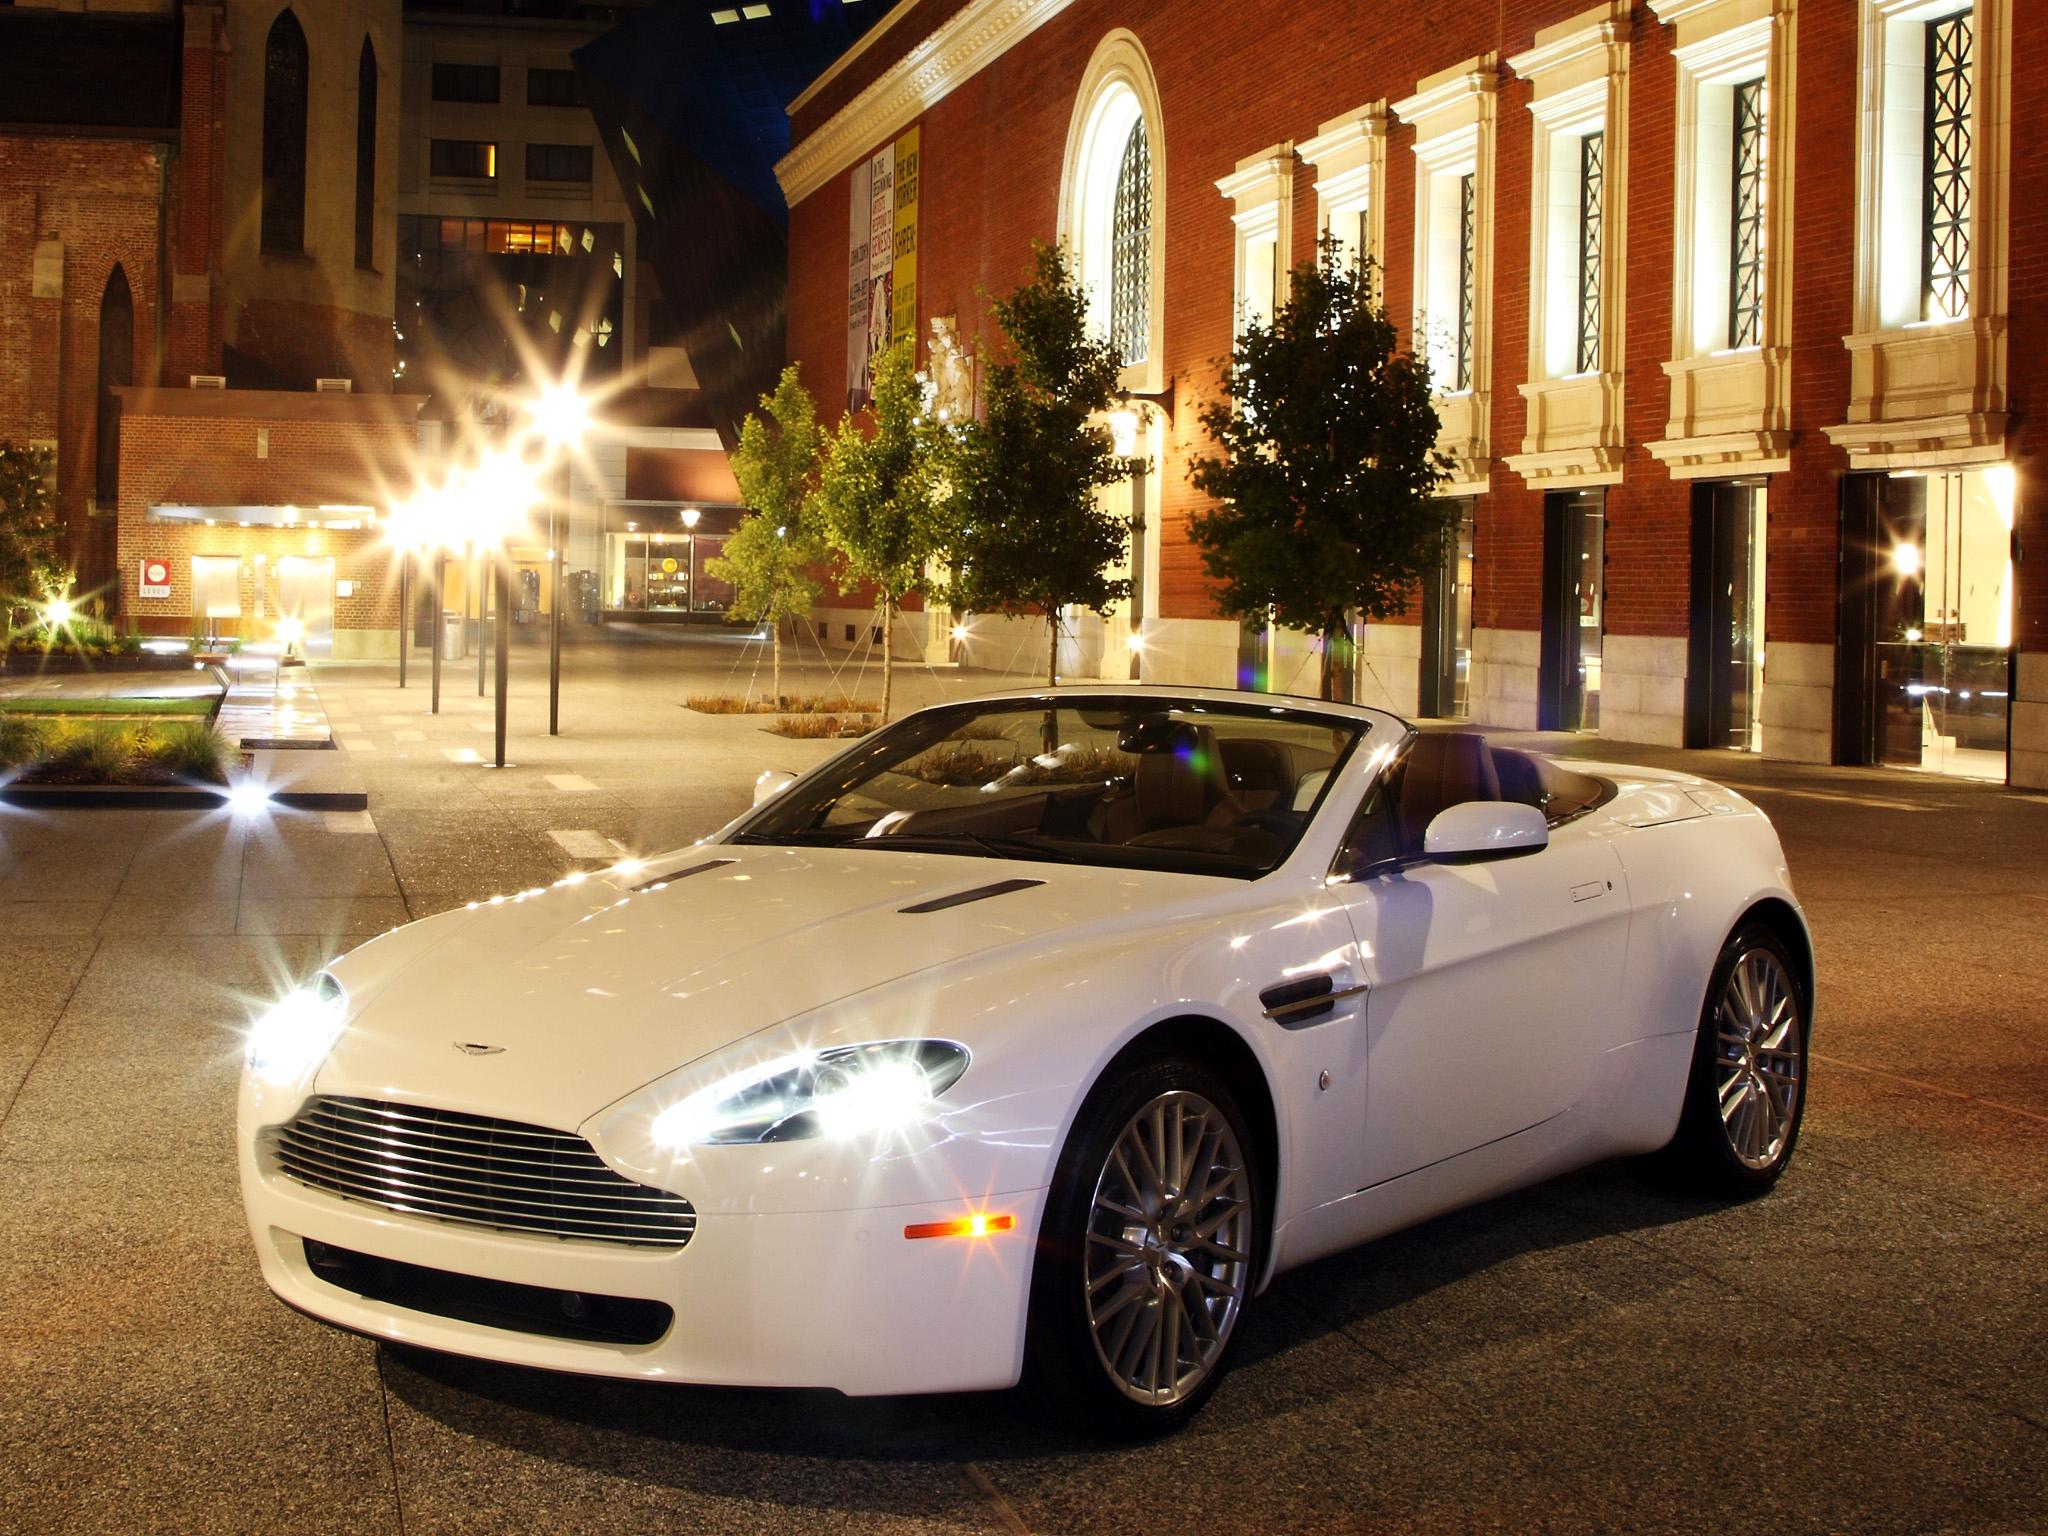 74872 скачать обои Астон Мартин (Aston Martin), Тачки (Cars), Город, Огни, Вид Спереди, Белый, Стиль, 2008, V8, Vantage - заставки и картинки бесплатно